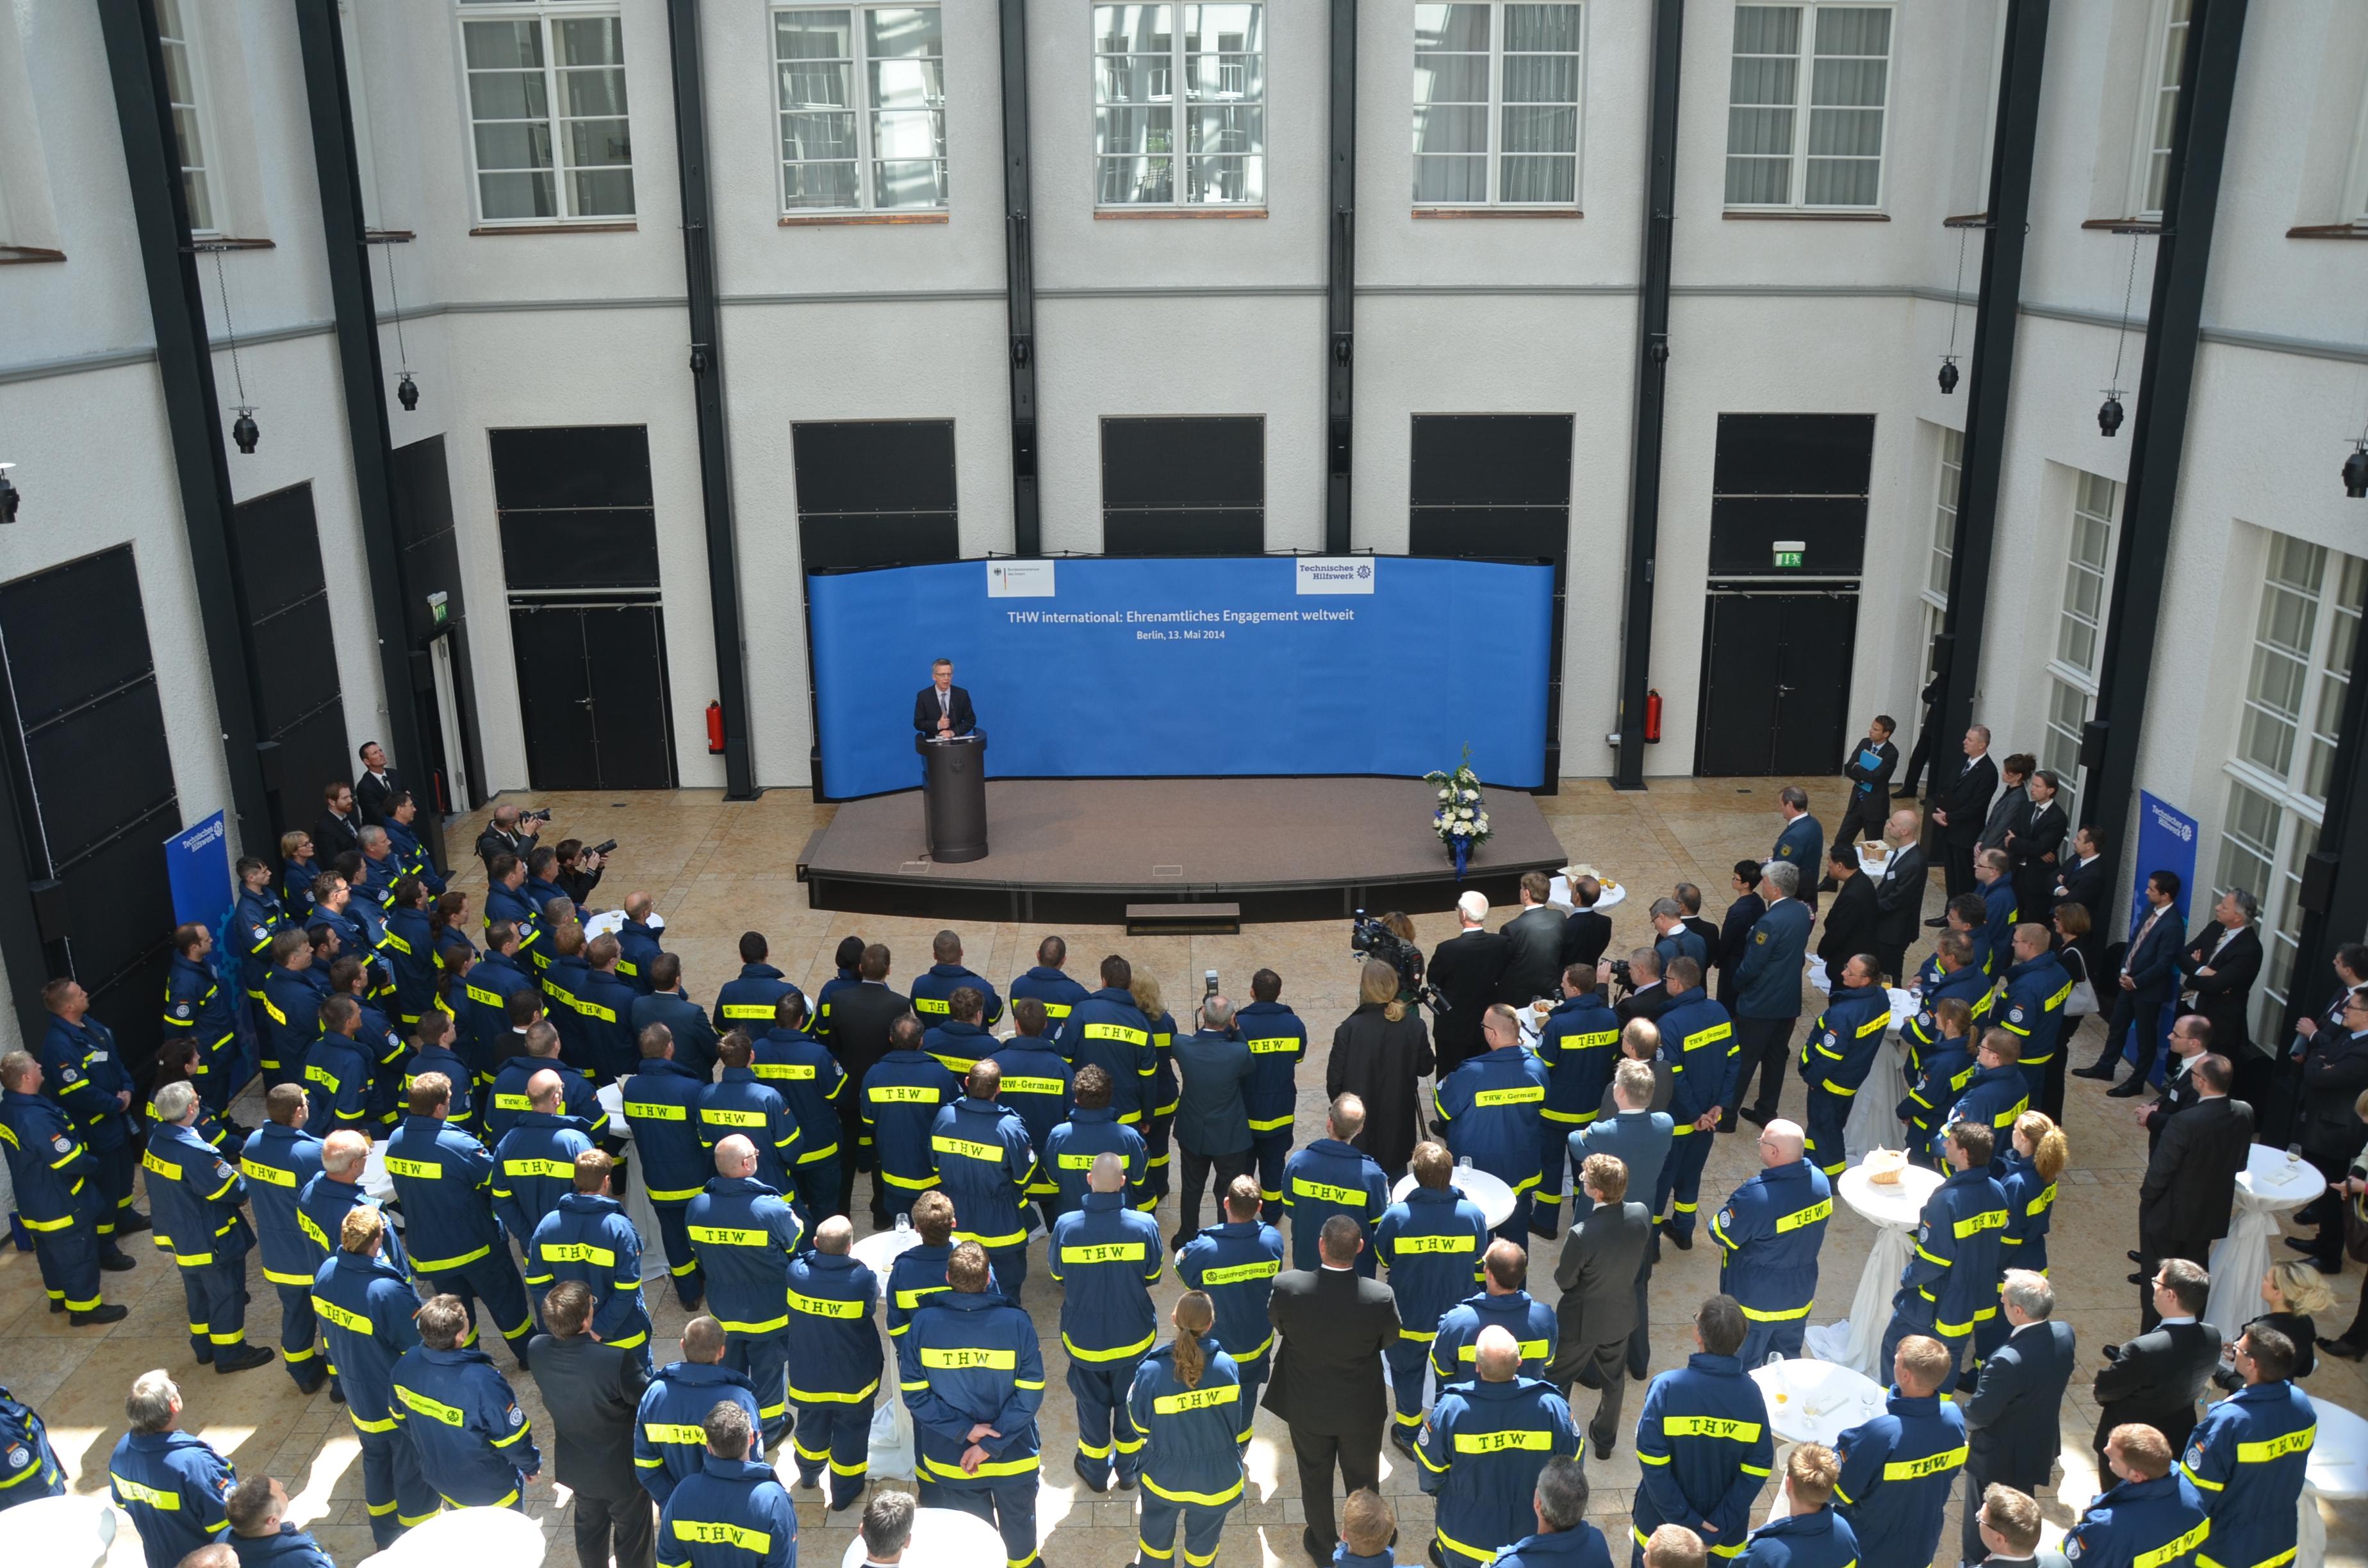 Rund 130 Helferinnen und Helfer des THW folgten der Einladung von Bundesinnenminister Dr. Thomas de Maizière nach Berlin.